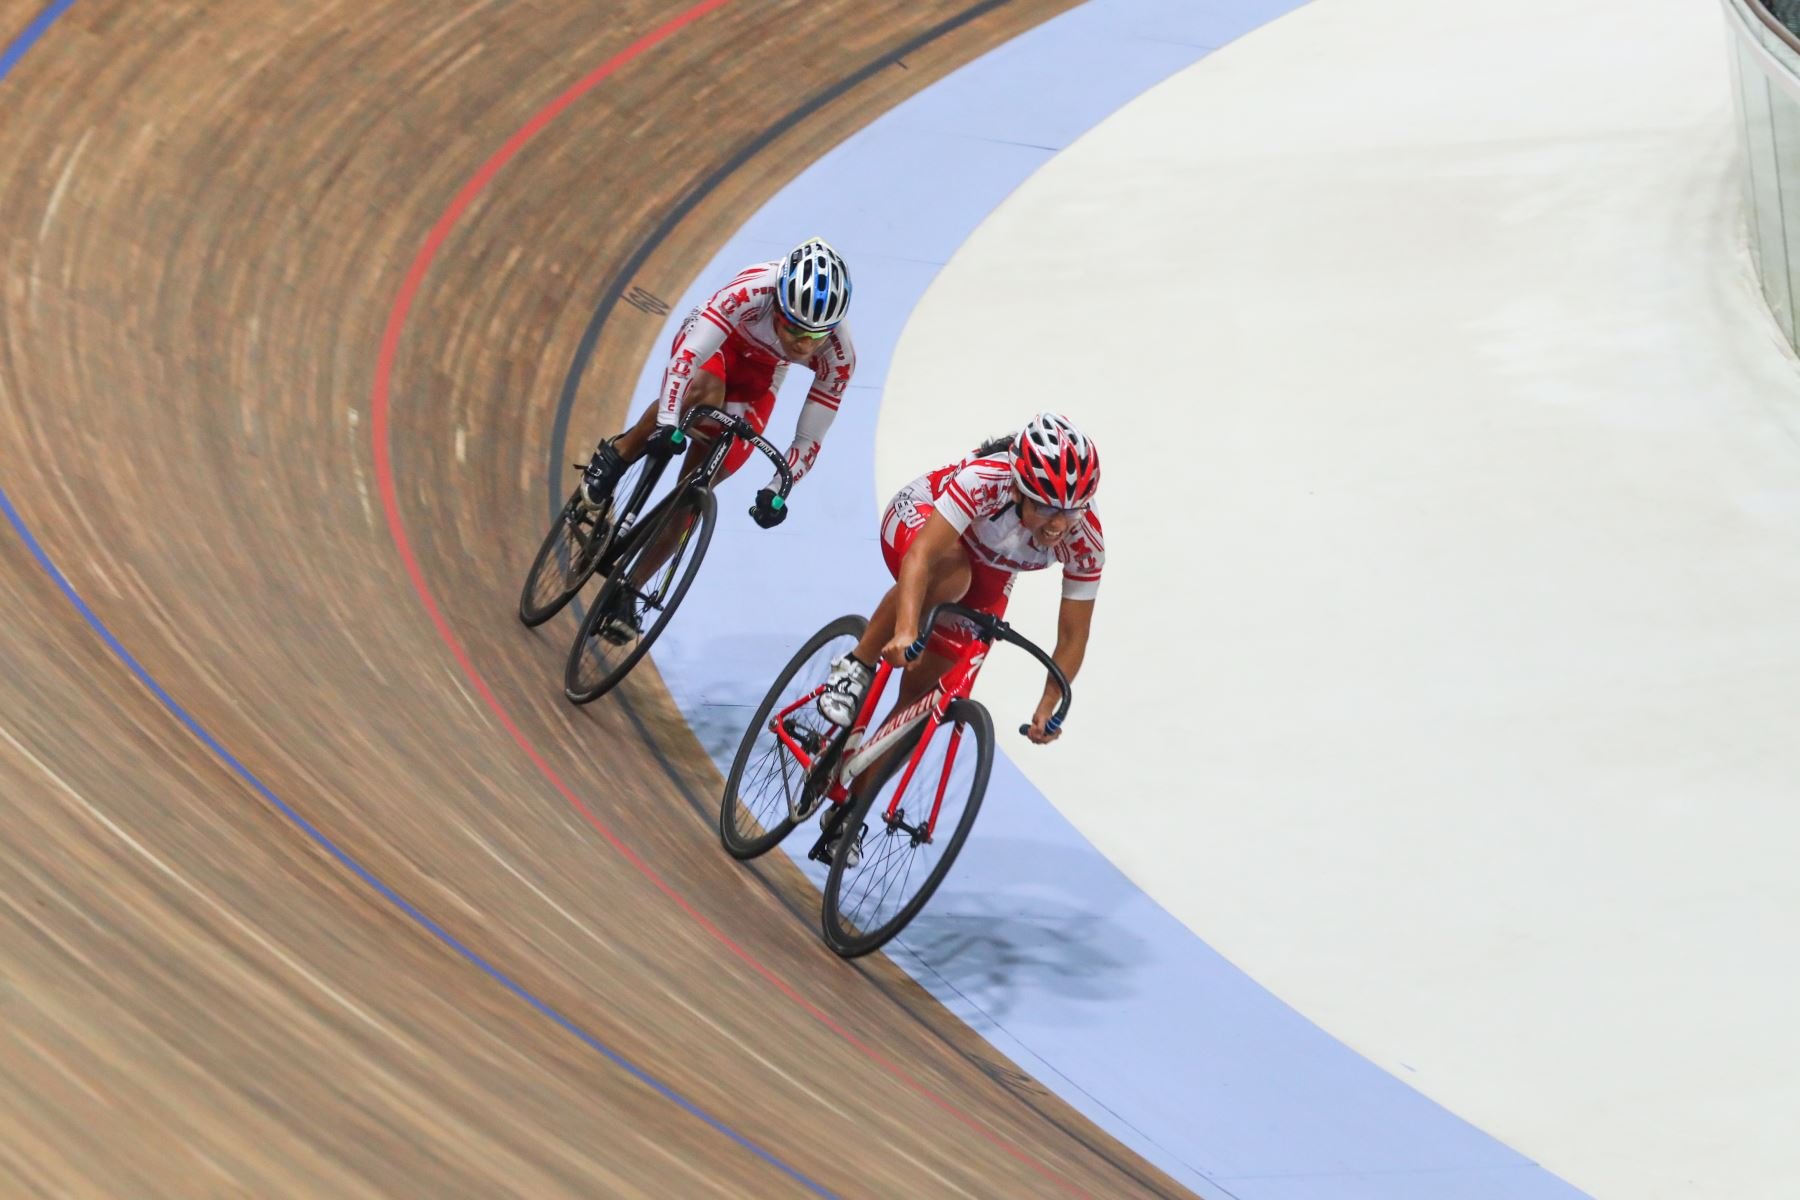 Lima 2019 entrega del Velódromo a la Federación Peruana de Ciclismo. Foto: ANDINA/Norman Cordova